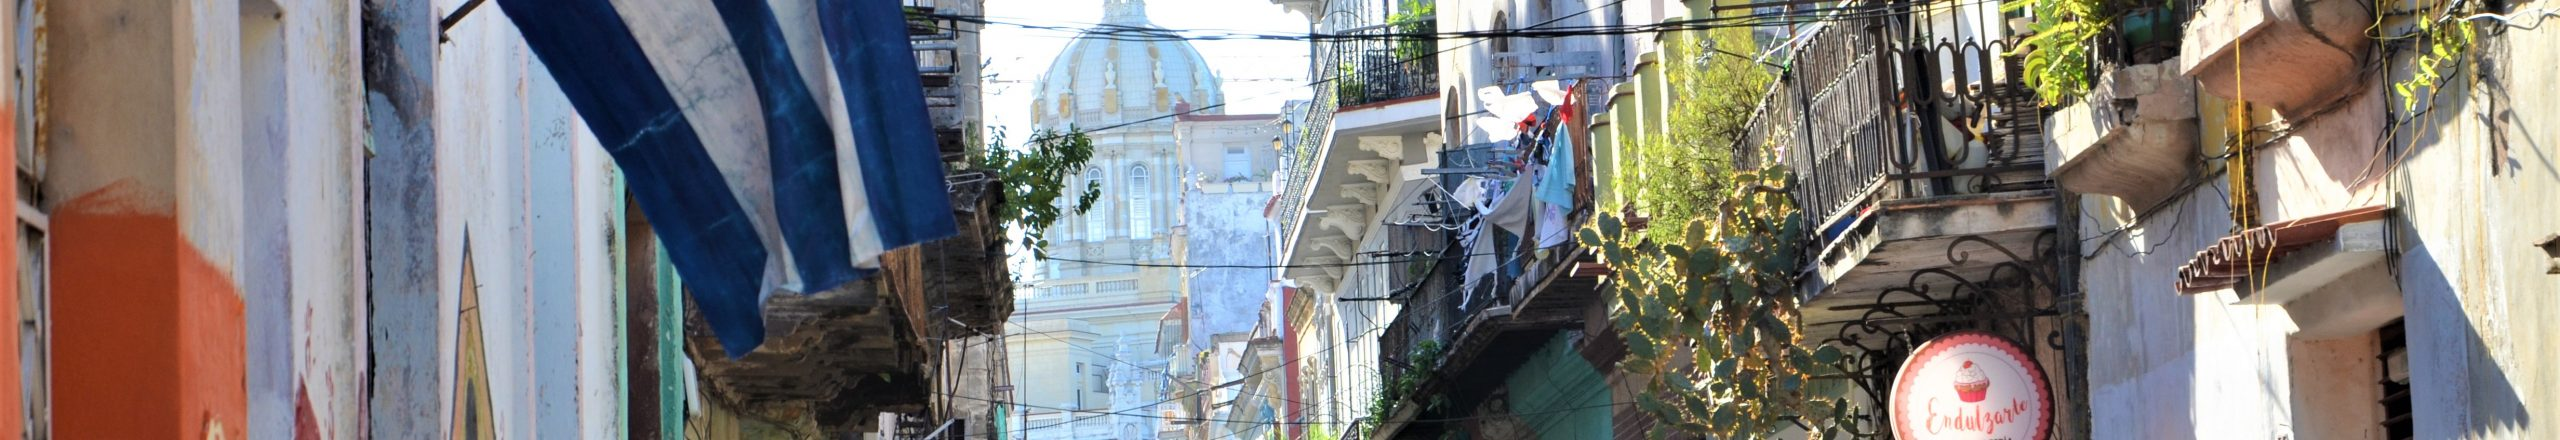 På en rejse til Cuba bør du se Havana's gamle bydel